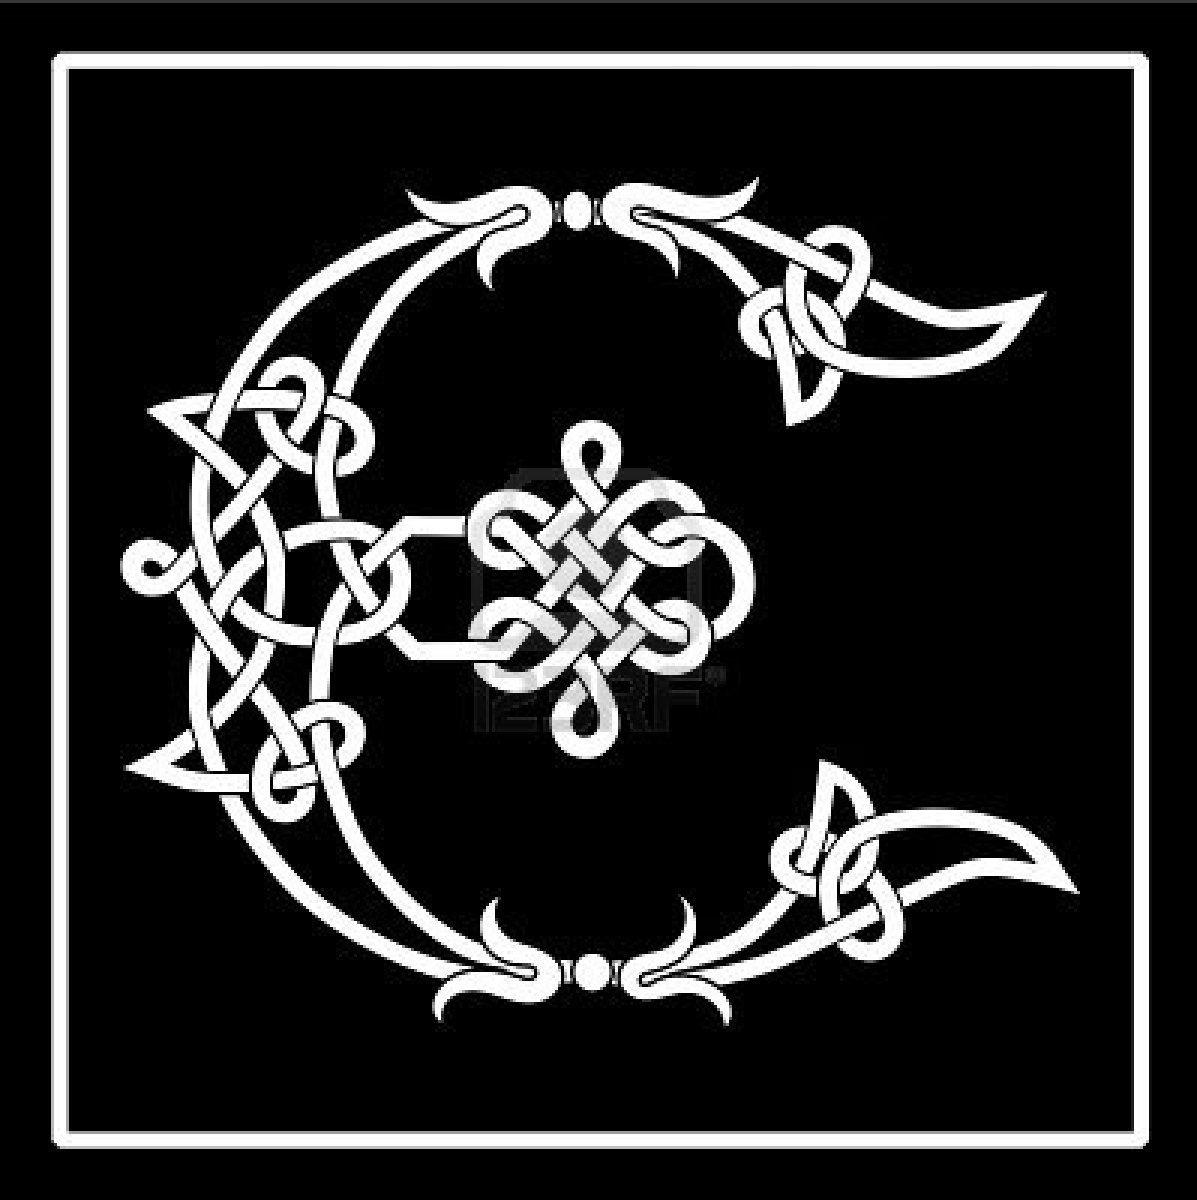 Celtic Knot Work Capital Letter E